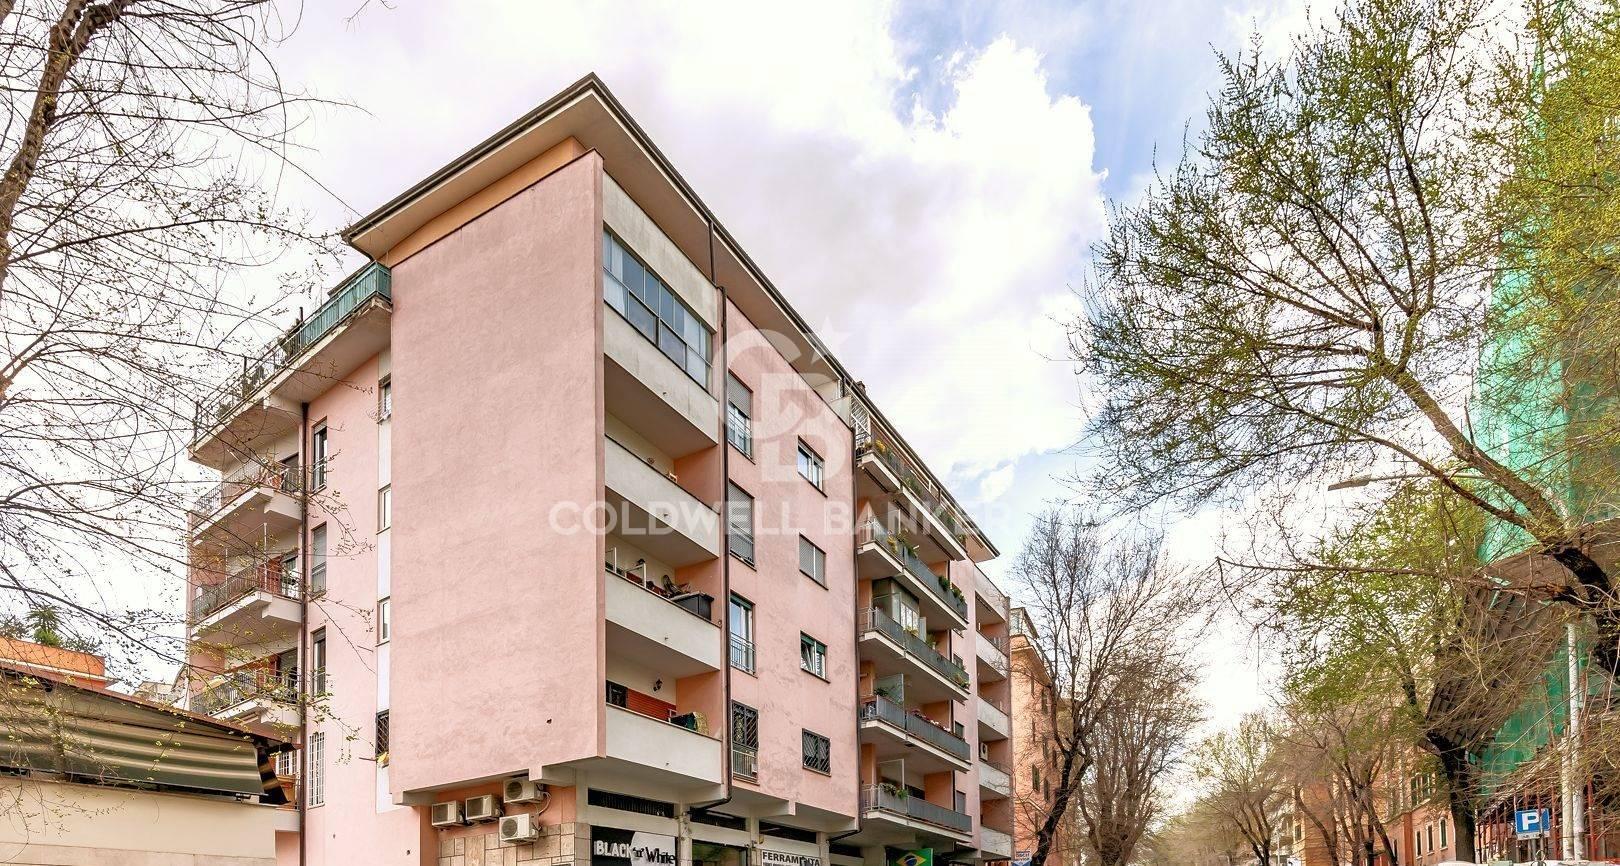 Appartamento in vendita a Roma, 3 locali, zona Zona: 24 . Gianicolense - Colli Portuensi - Monteverde, prezzo € 330.000   CambioCasa.it